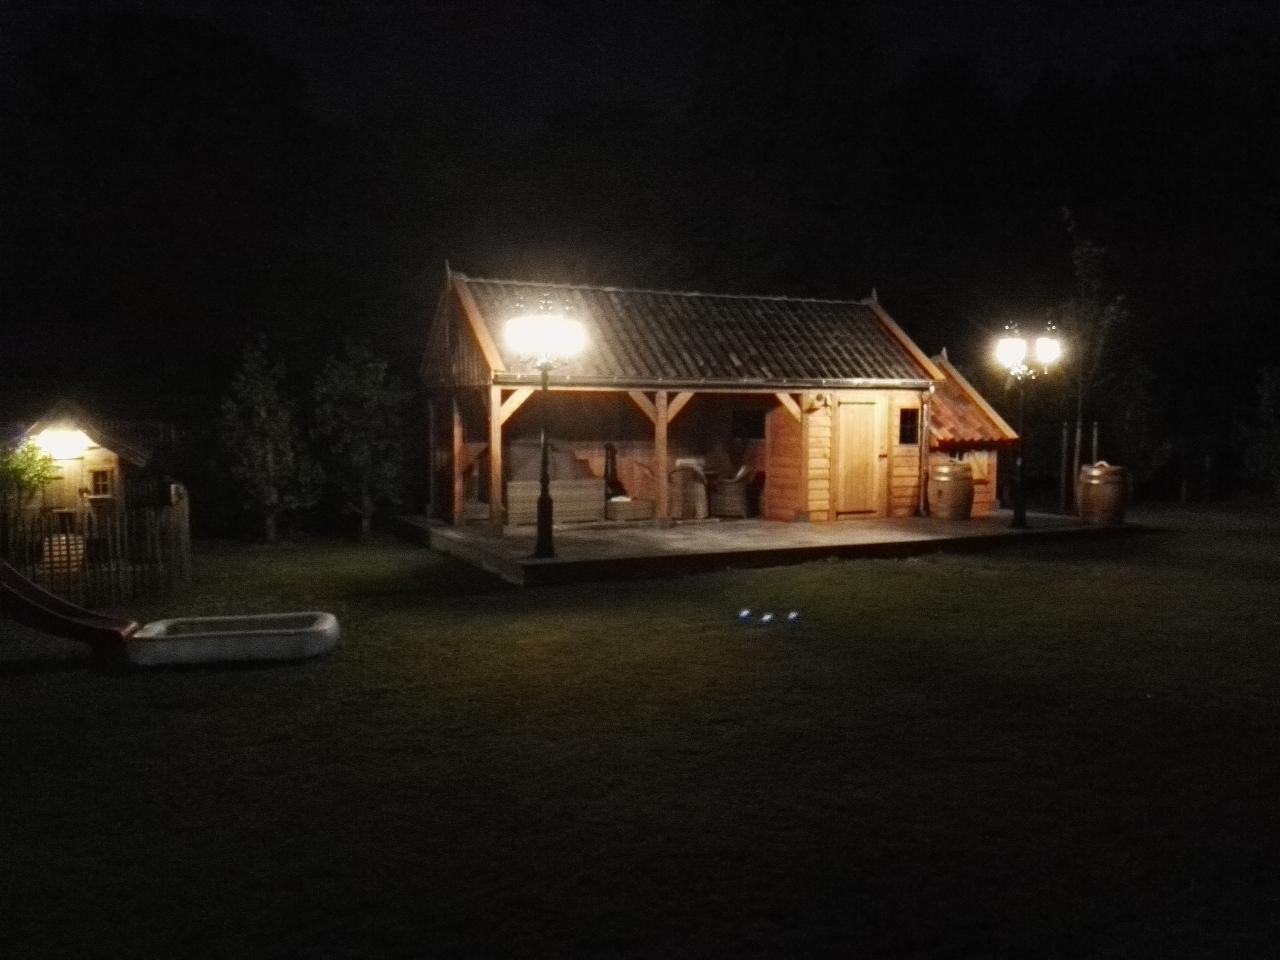 houten-tuinhuis-met-tuinkamer-5 - Project Lummen: Houten tuinhuis met tuinkamer